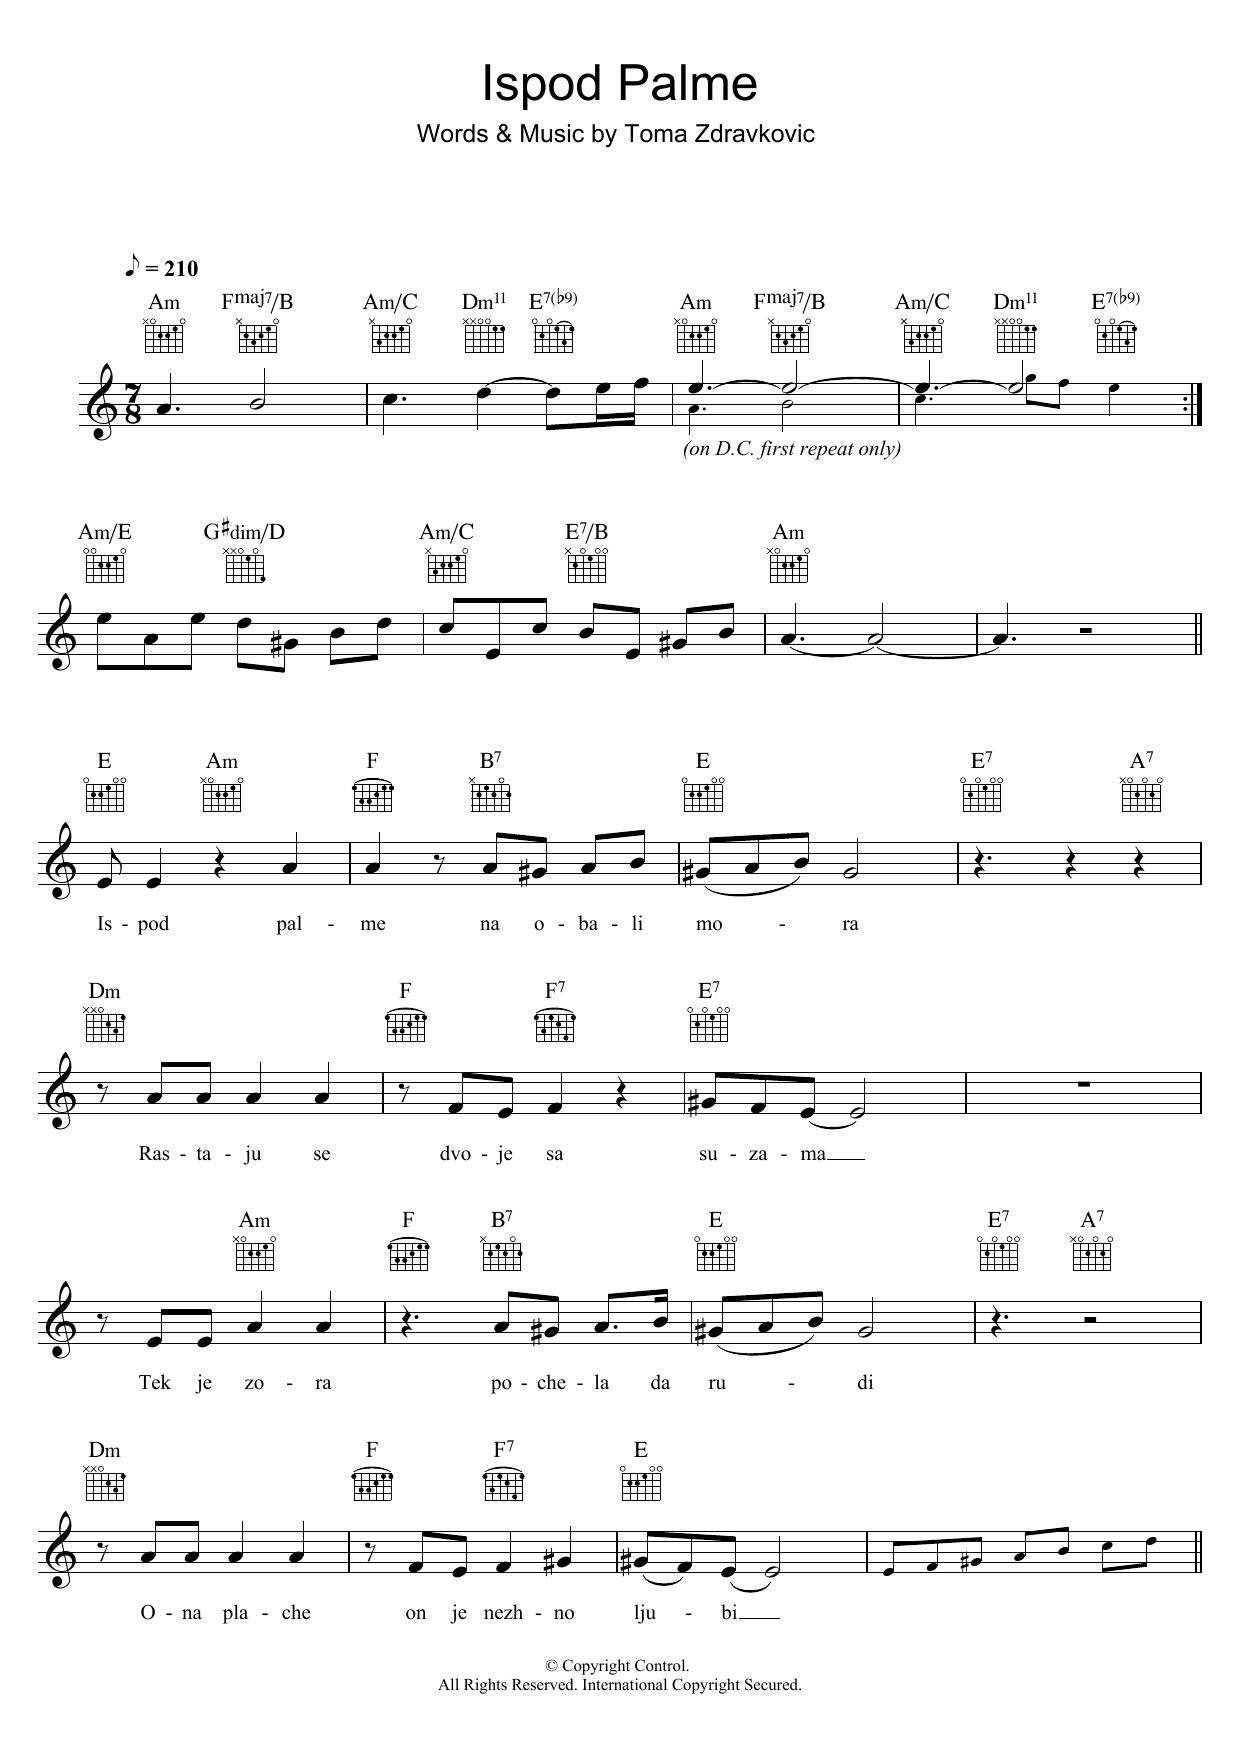 Toma Zdravkovic - Ispod Palme